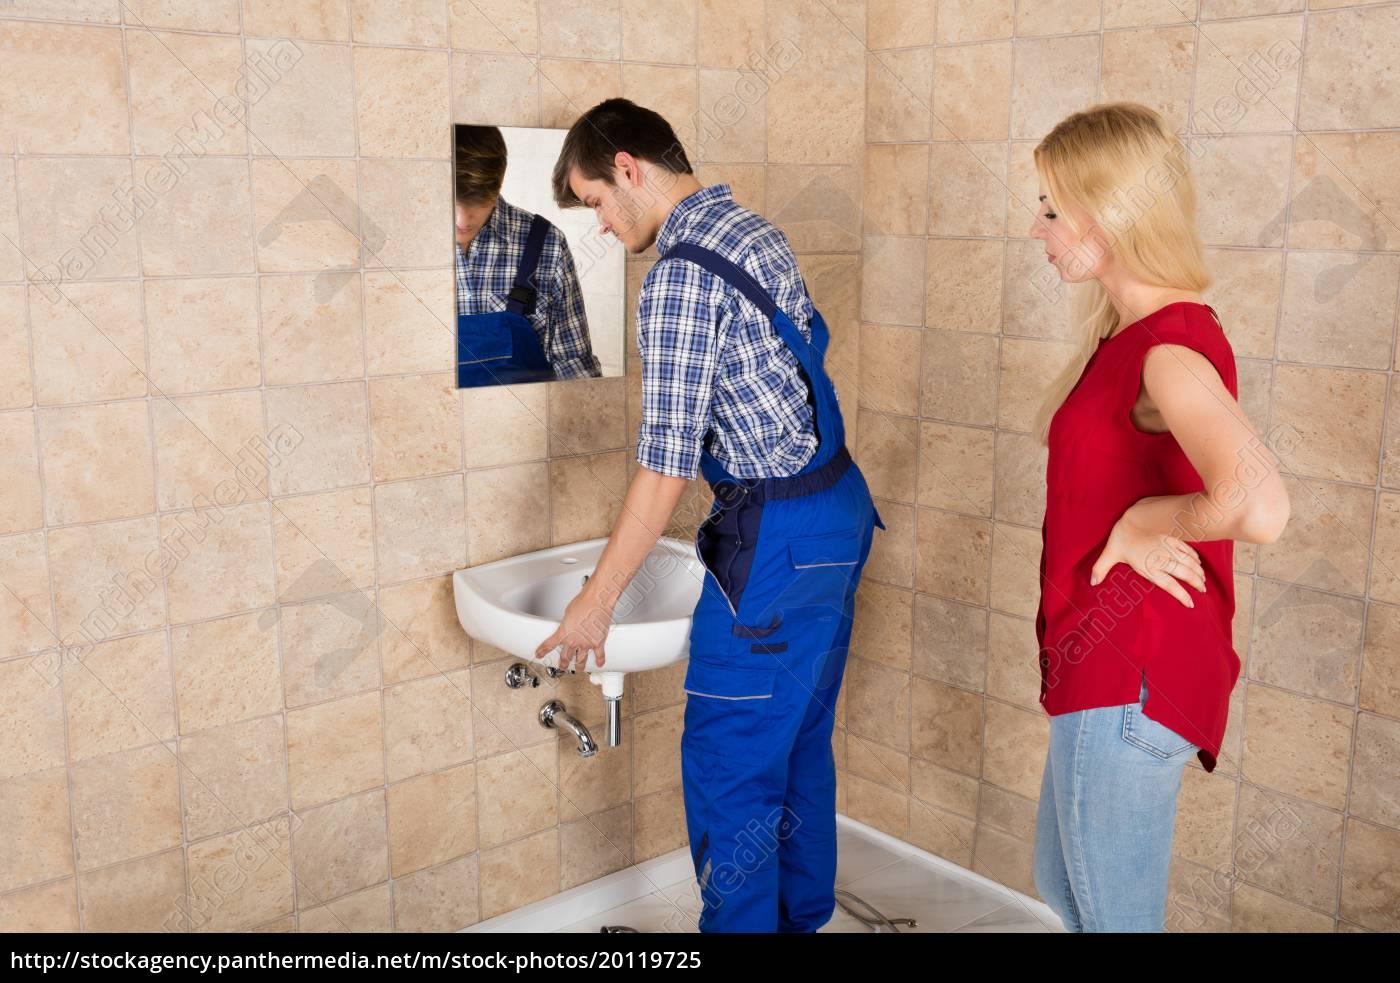 young, handyman, installing, sink, in, bathroom - 20119725